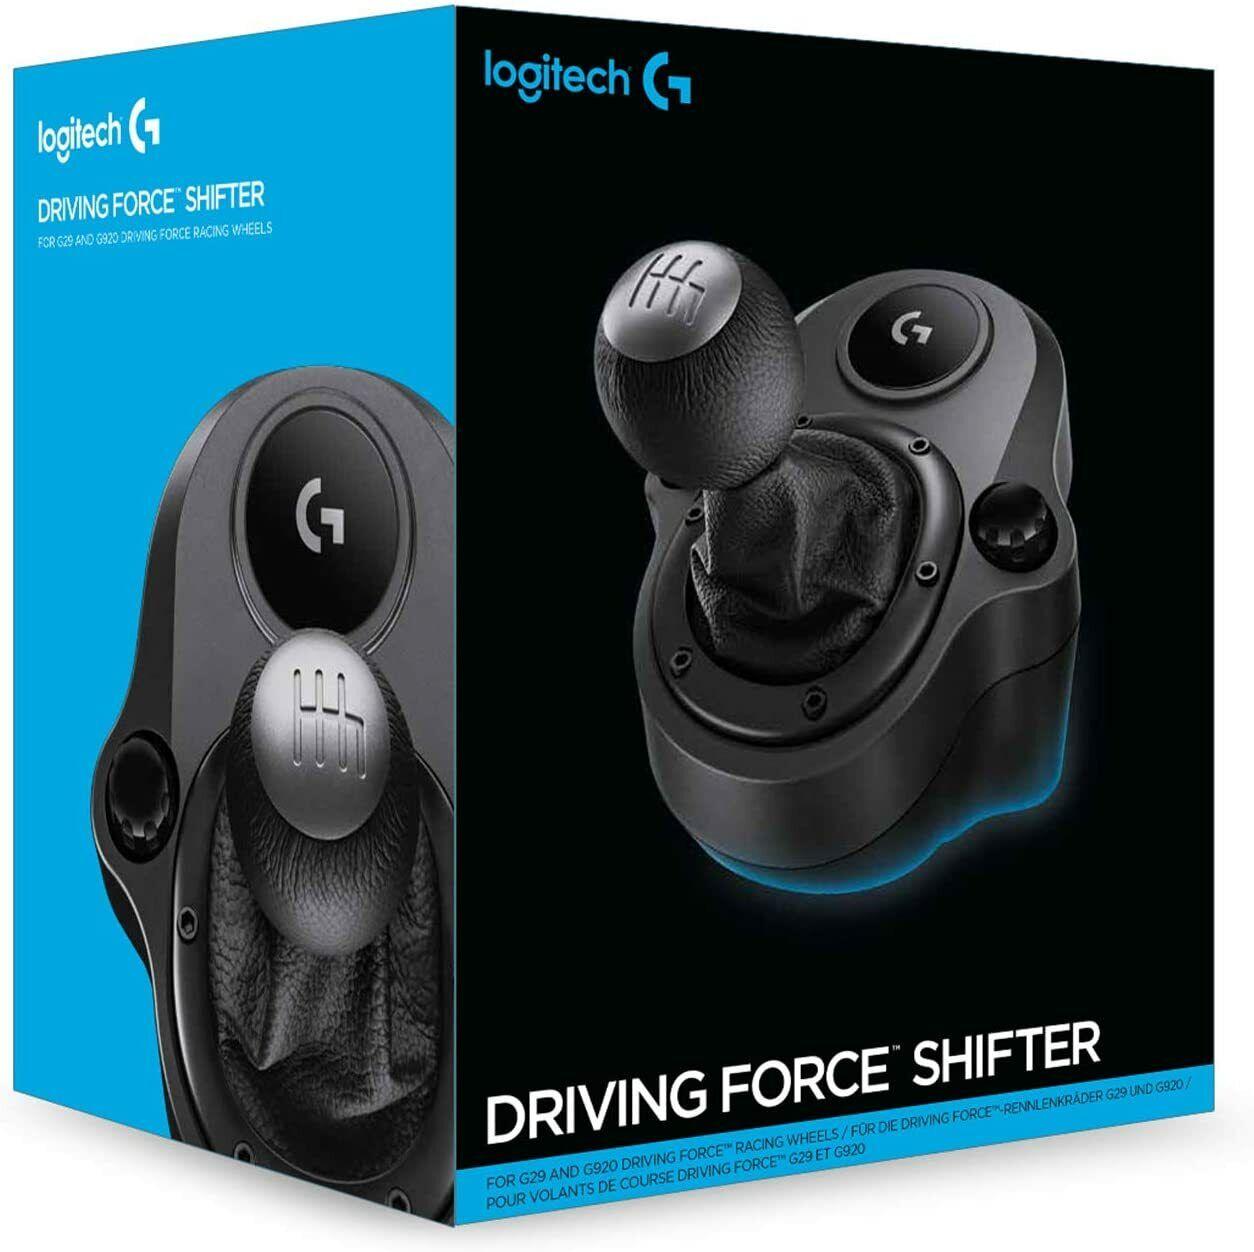 Logitech G Driving Force Shifter - $74.99